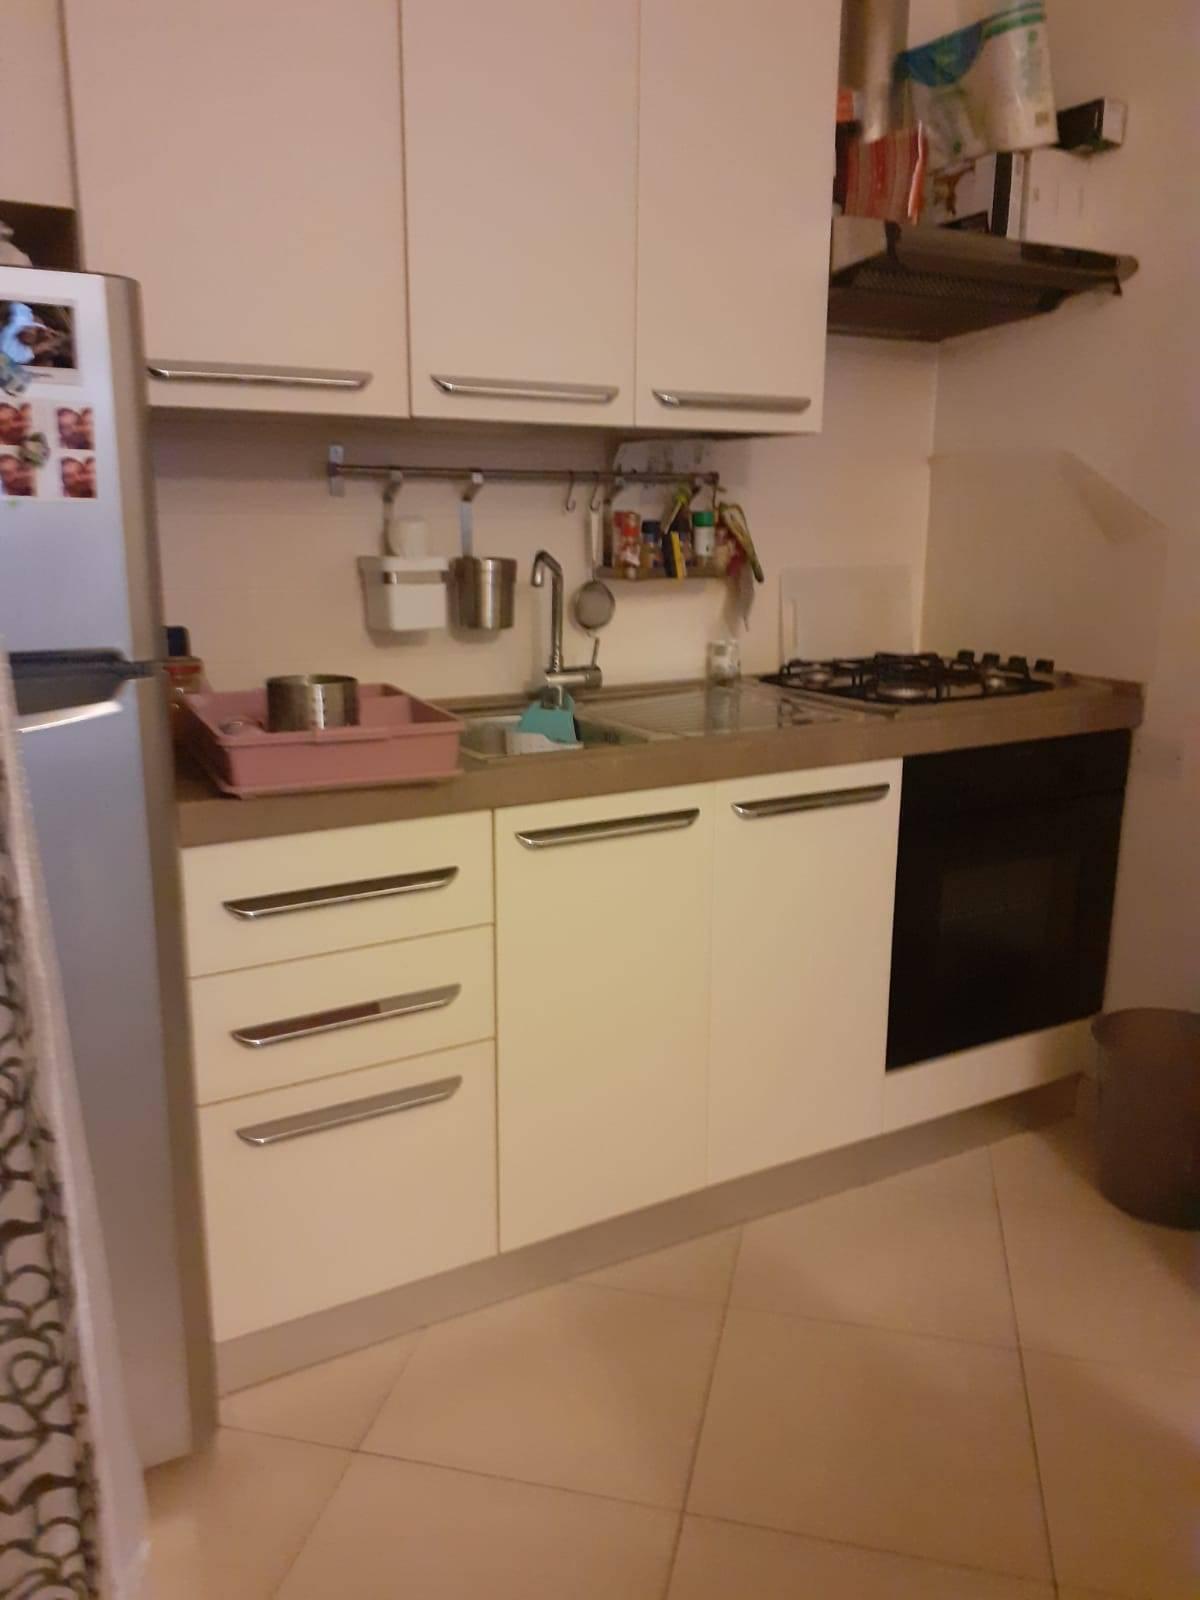 Appartamento in affitto a Castel Bolognese, 2 locali, prezzo € 450 | CambioCasa.it